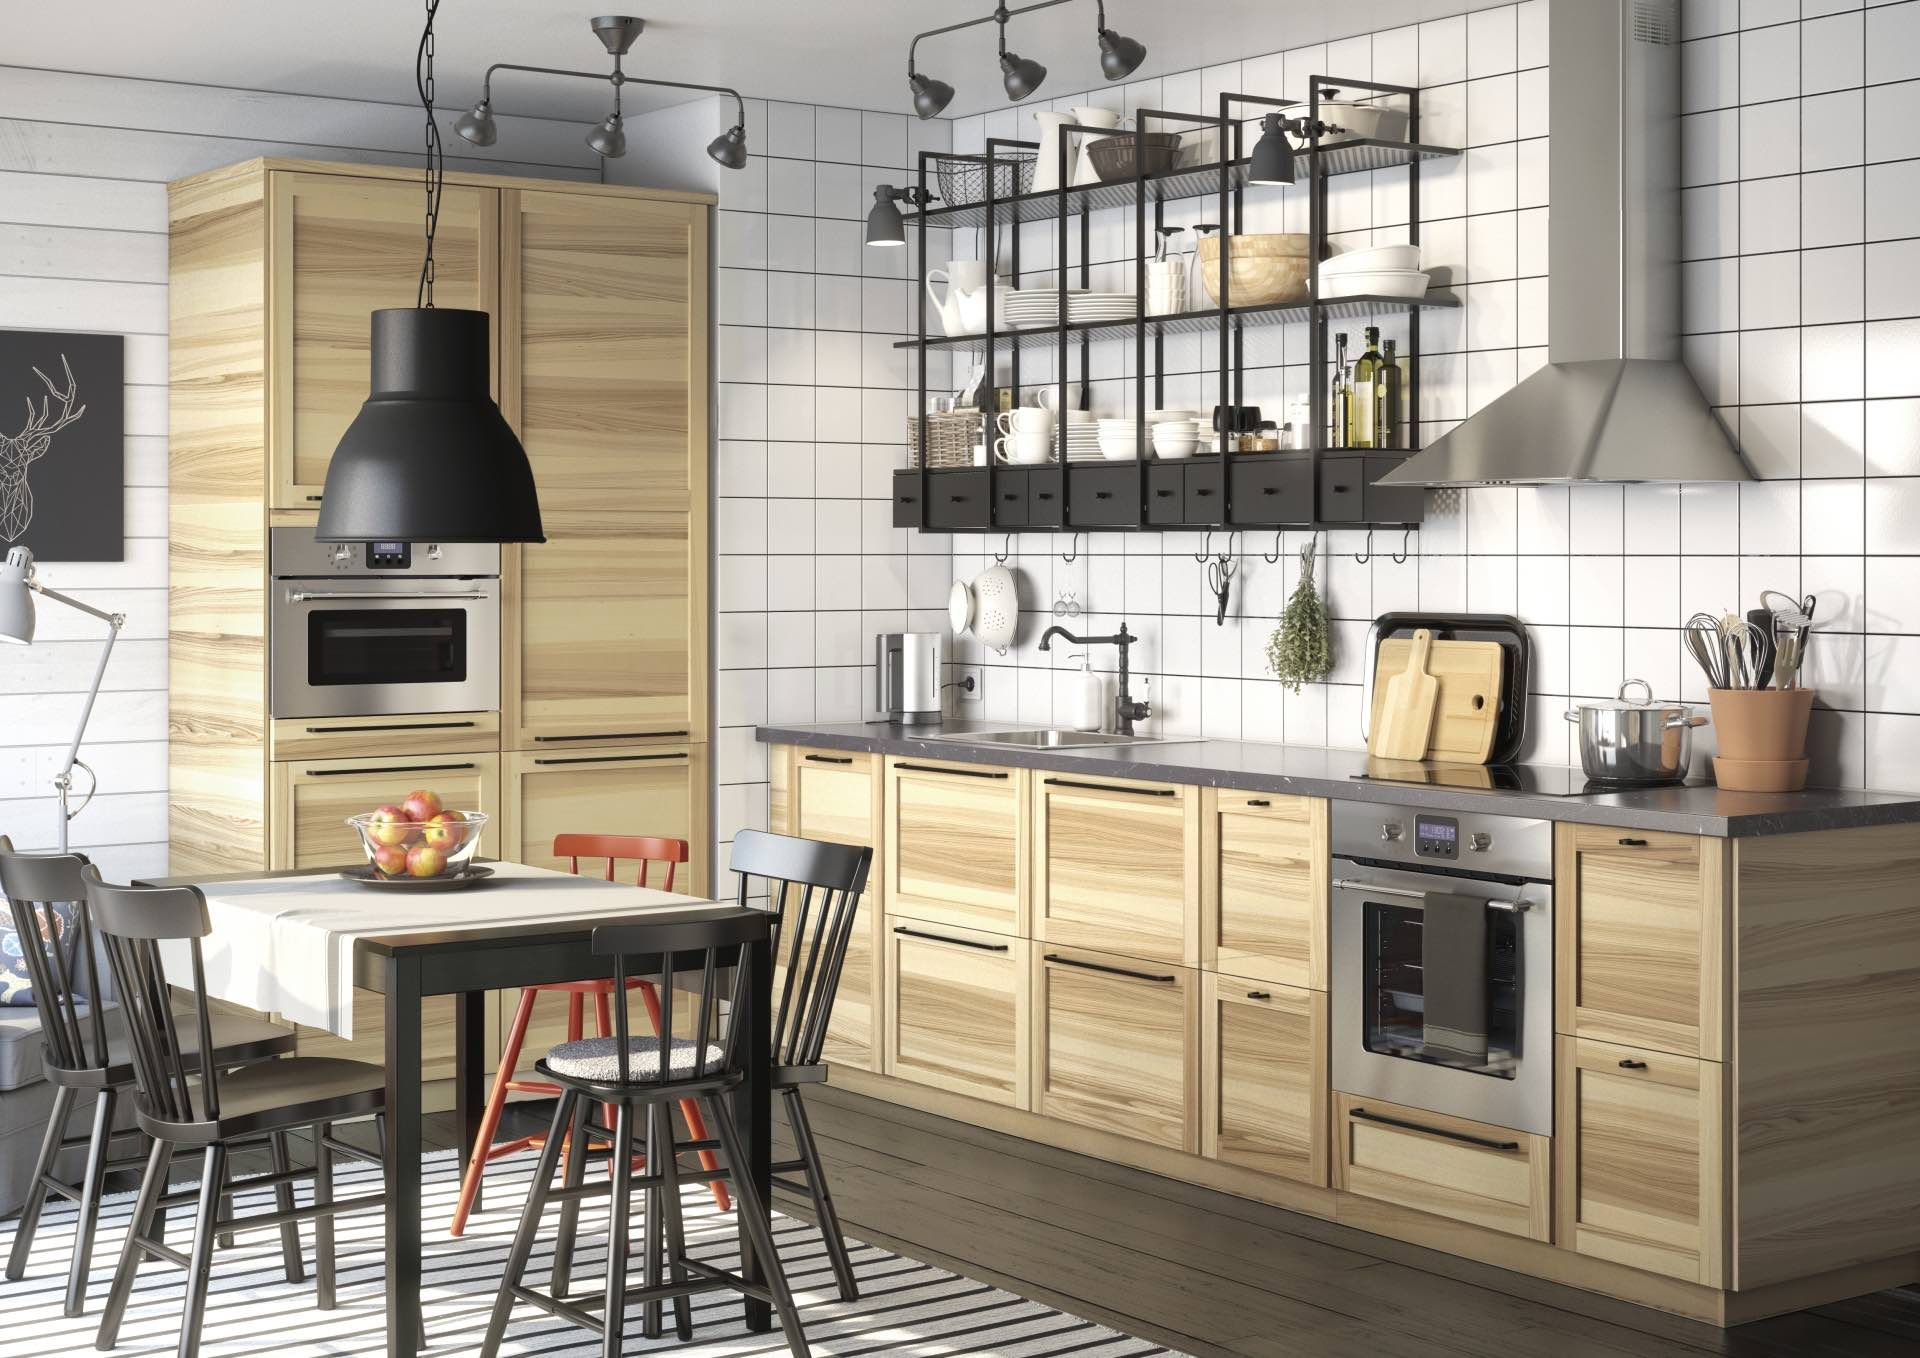 IKEA.com - Tienda de Muebles y Decoración Online | Modern ...